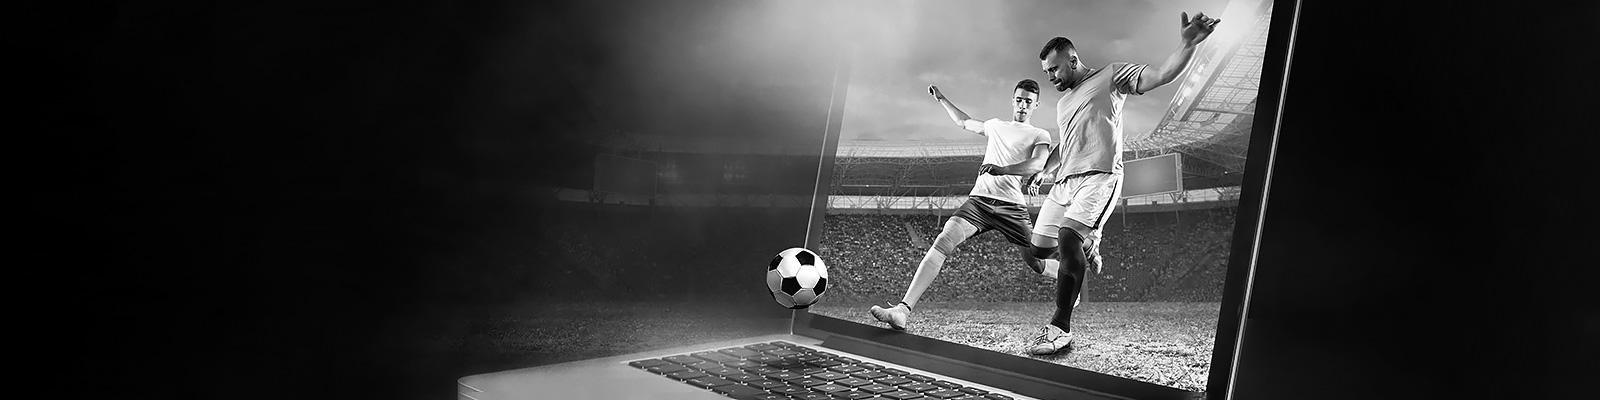 サッカー IT イメージ